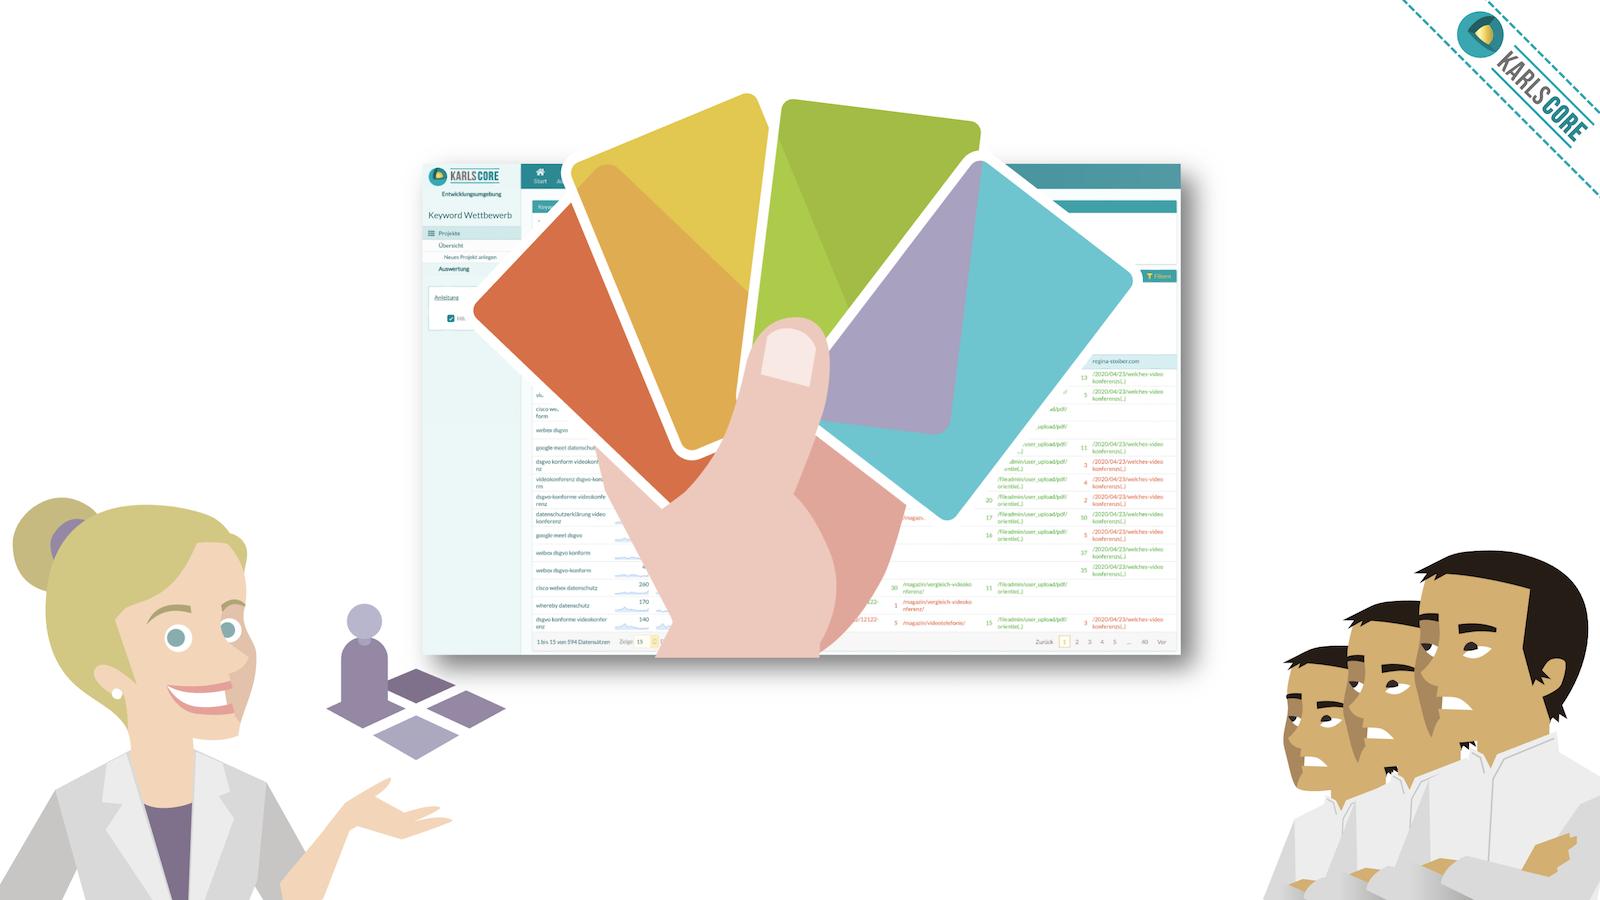 karlsCORE Keyword Wettbewerber Werkzeug: Wirf einen Blick in die Ranking-Karten Deiner Wettbewerber!